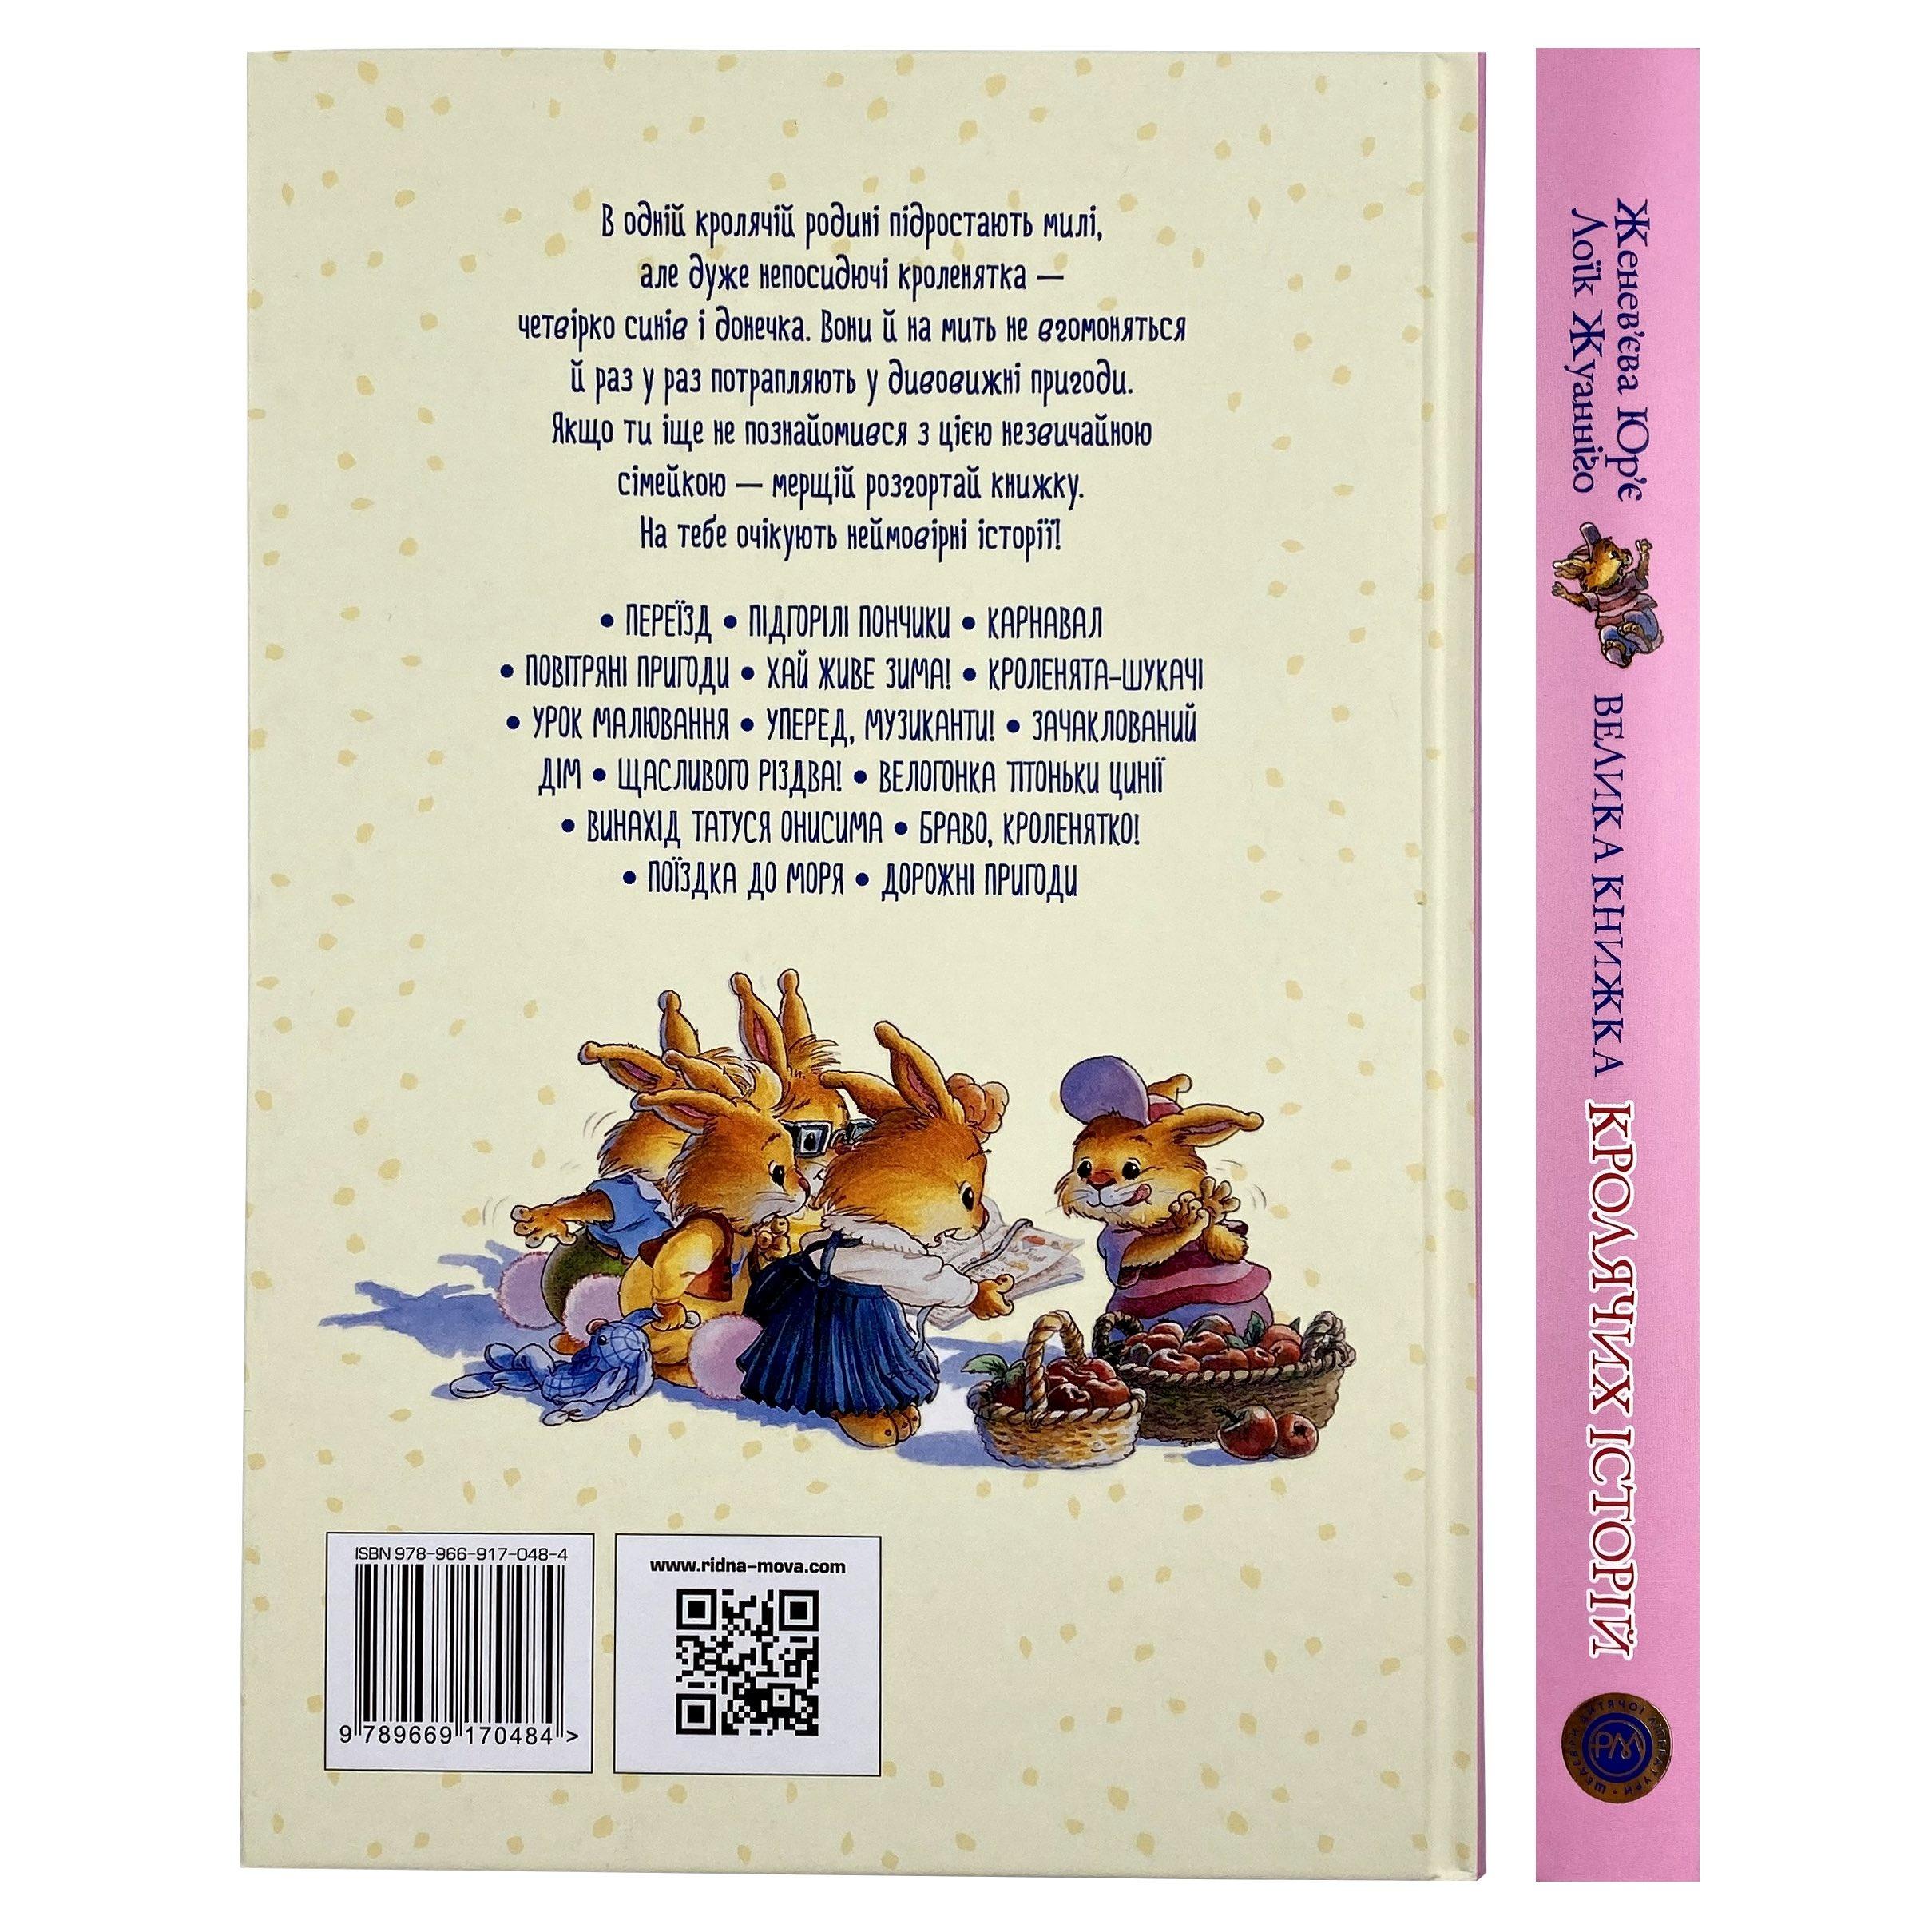 Велика книга кролячих історій. Автор — Женевьева Юрье.